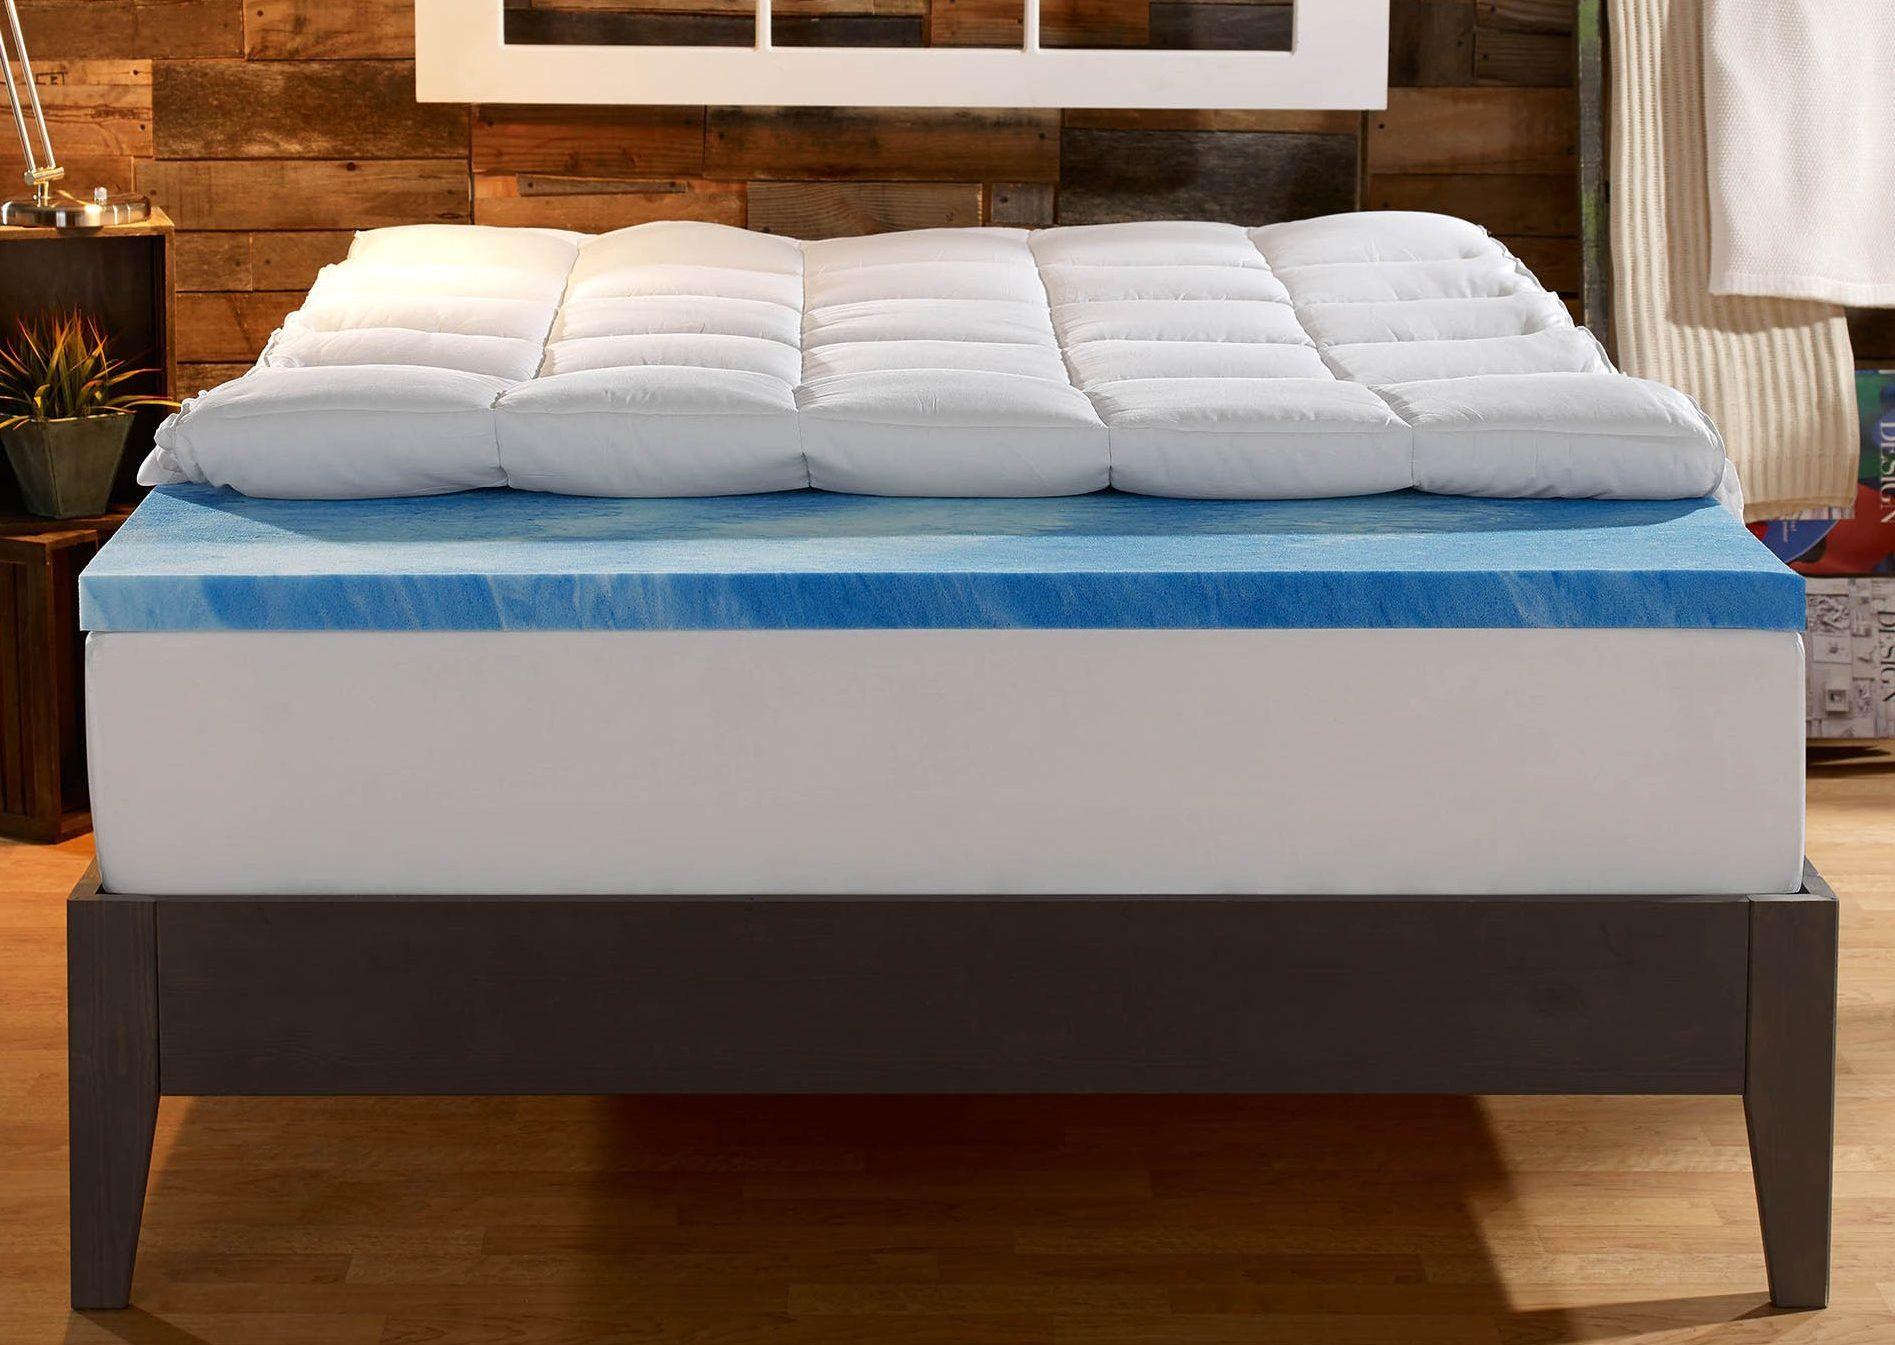 Sleep innovation mattress- Mattress for back pain